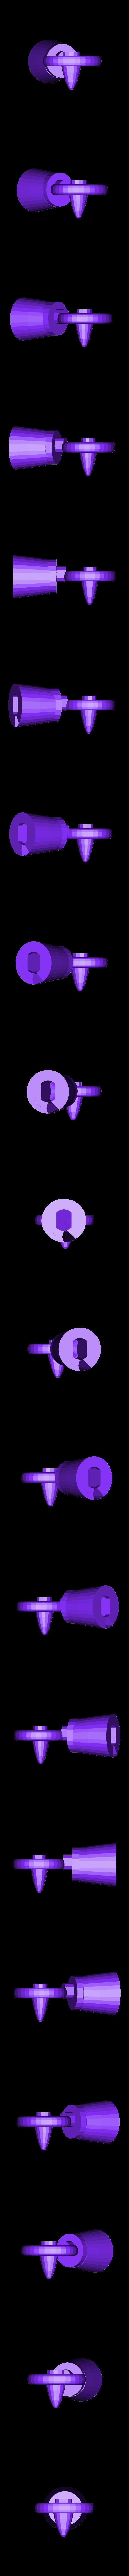 Head5.stl Télécharger fichier STL gratuit Dr Who Sonic Driver Builder Kit de constructeur de pilote sonique • Objet à imprimer en 3D, Chanrasp